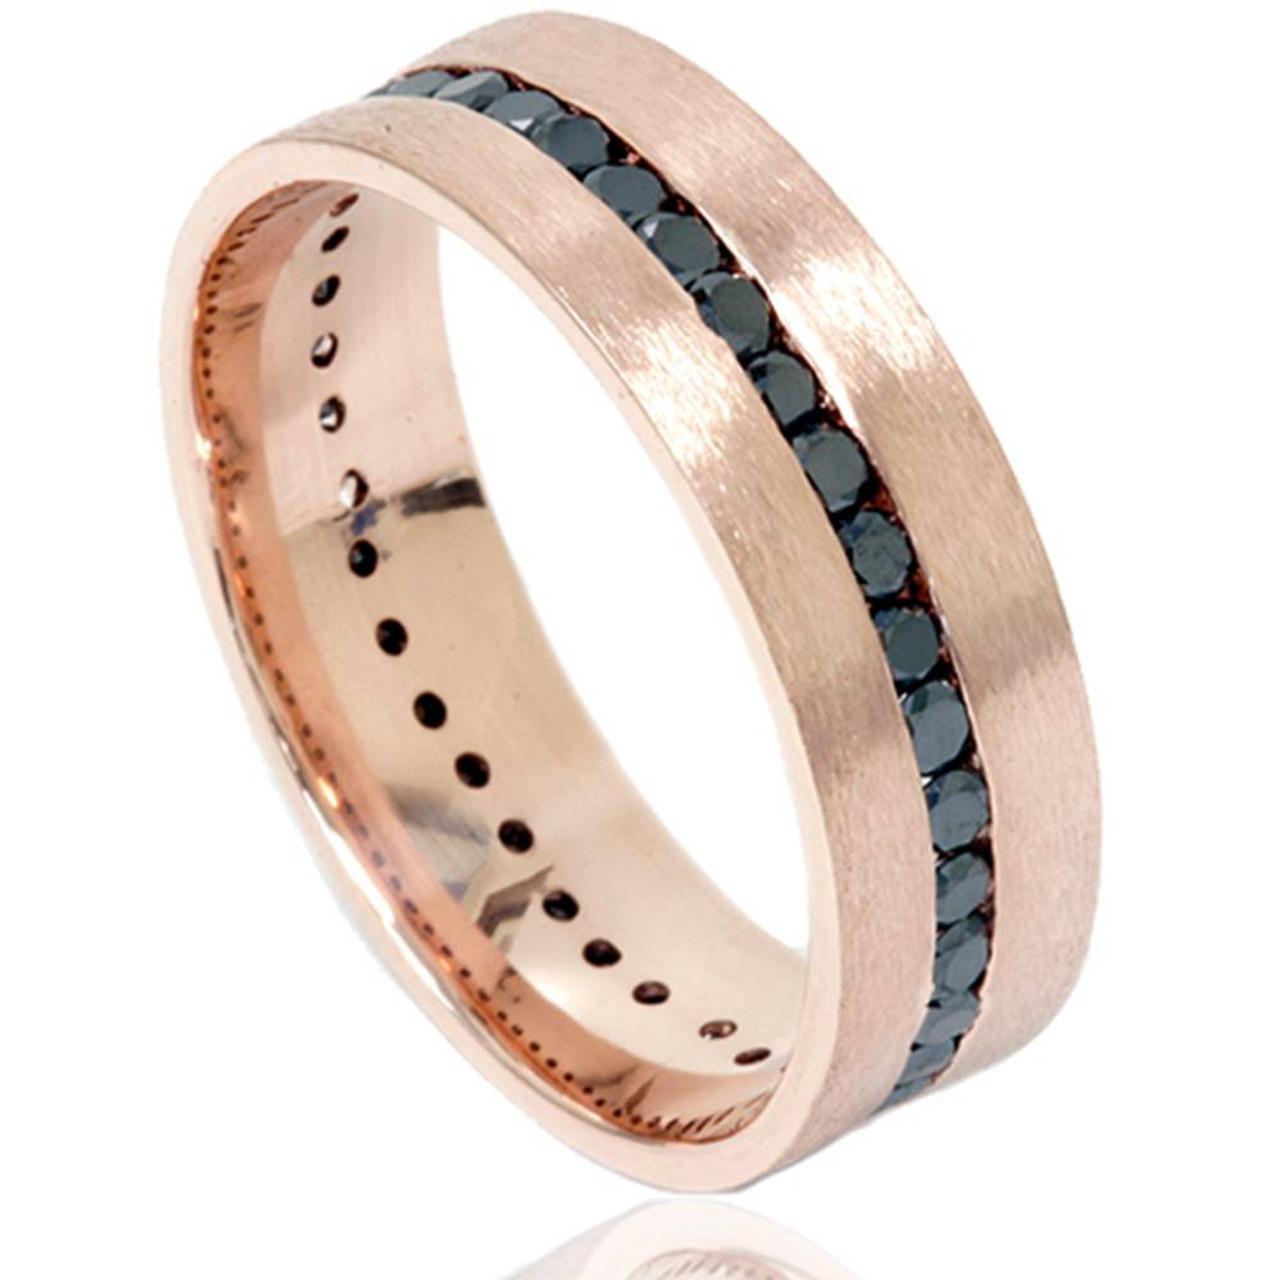 Rose Gold Mens Wedding Band.1 1 10ct Channel Set Black Diamond Brushed Ring 14k Rose Gold Mens Wedding Band Black